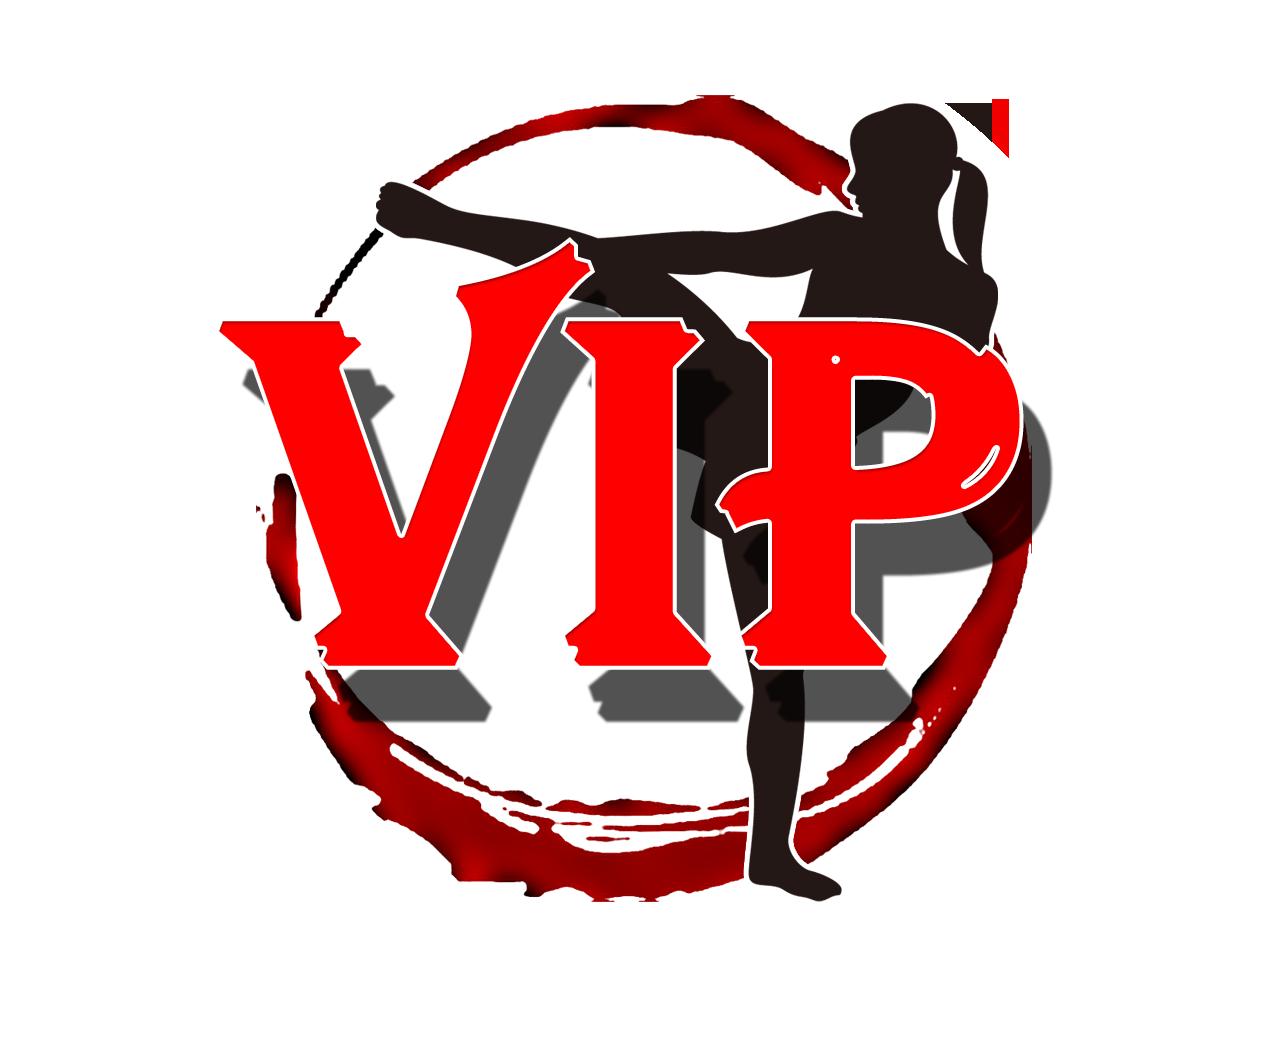 VIPキックボクシングスポーツ24 公式サイト